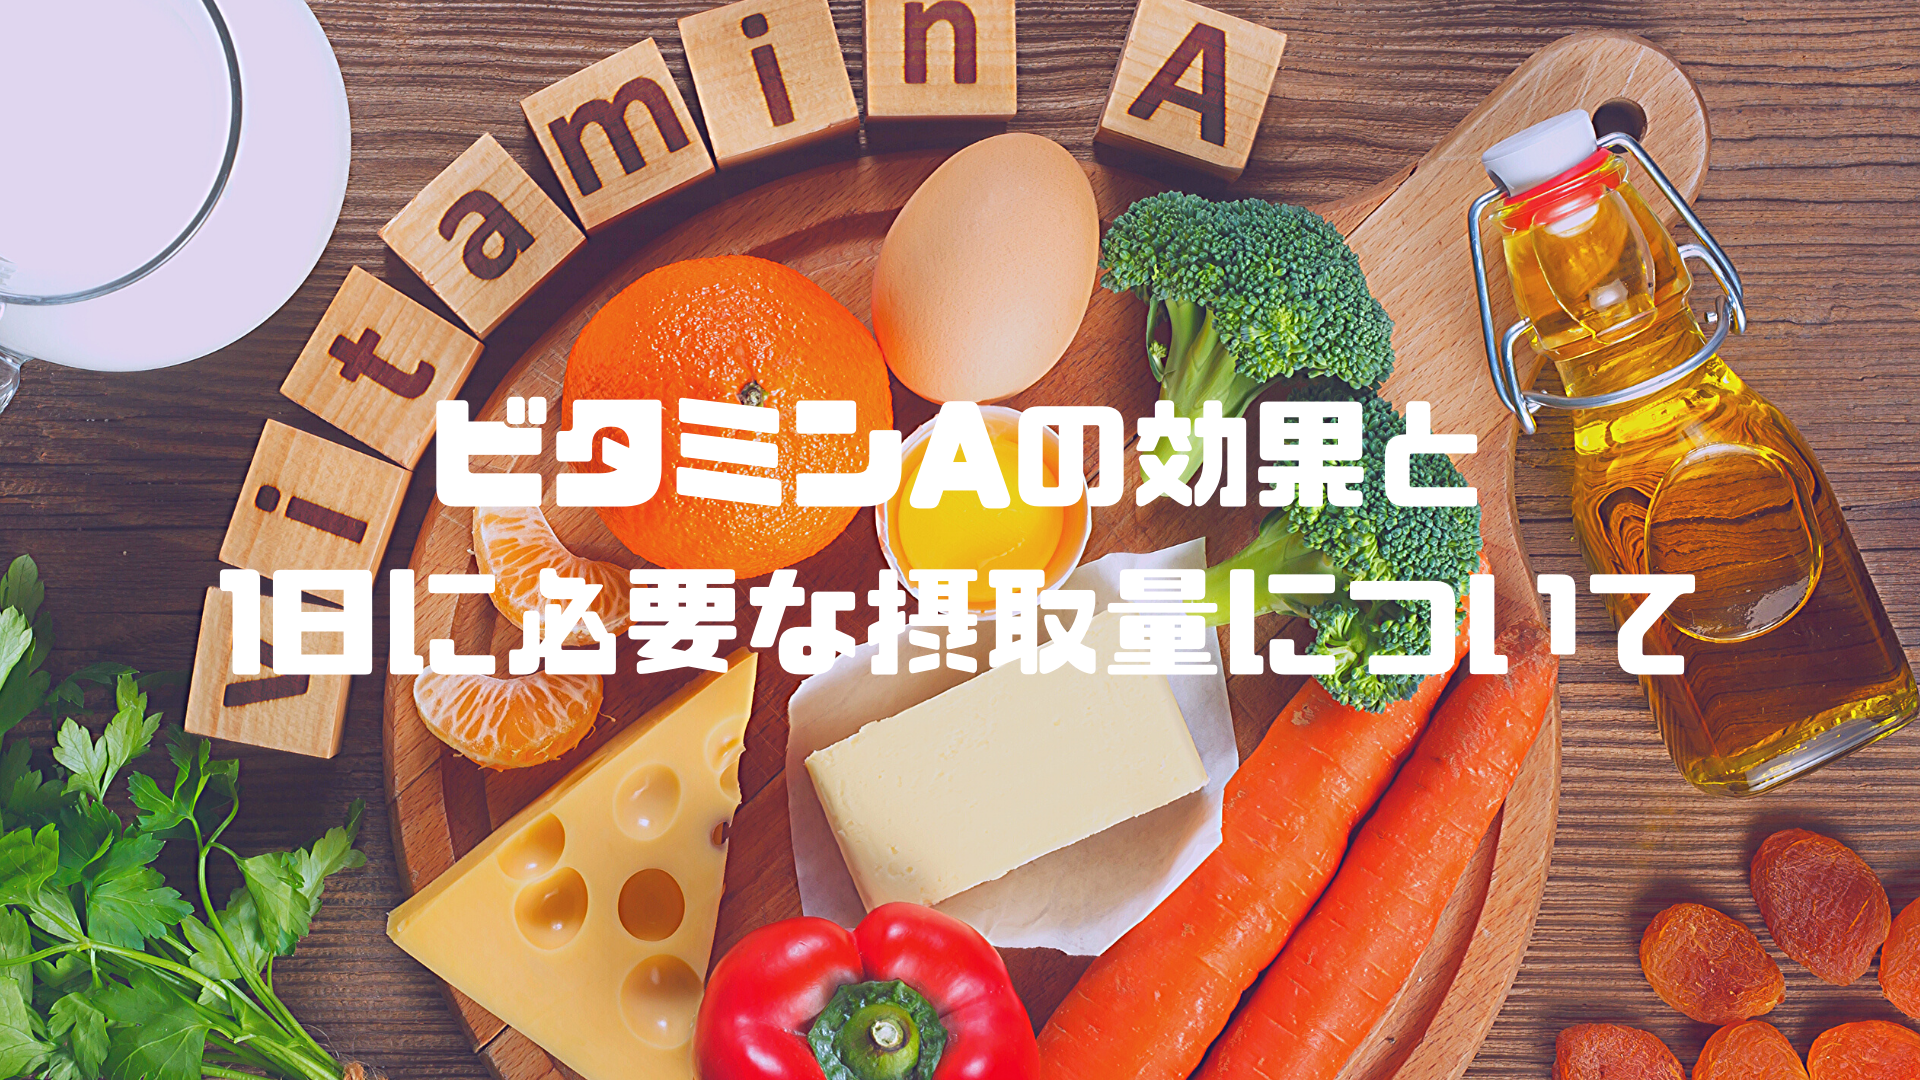 ビタミンAの効果と1日に必要な摂取量について